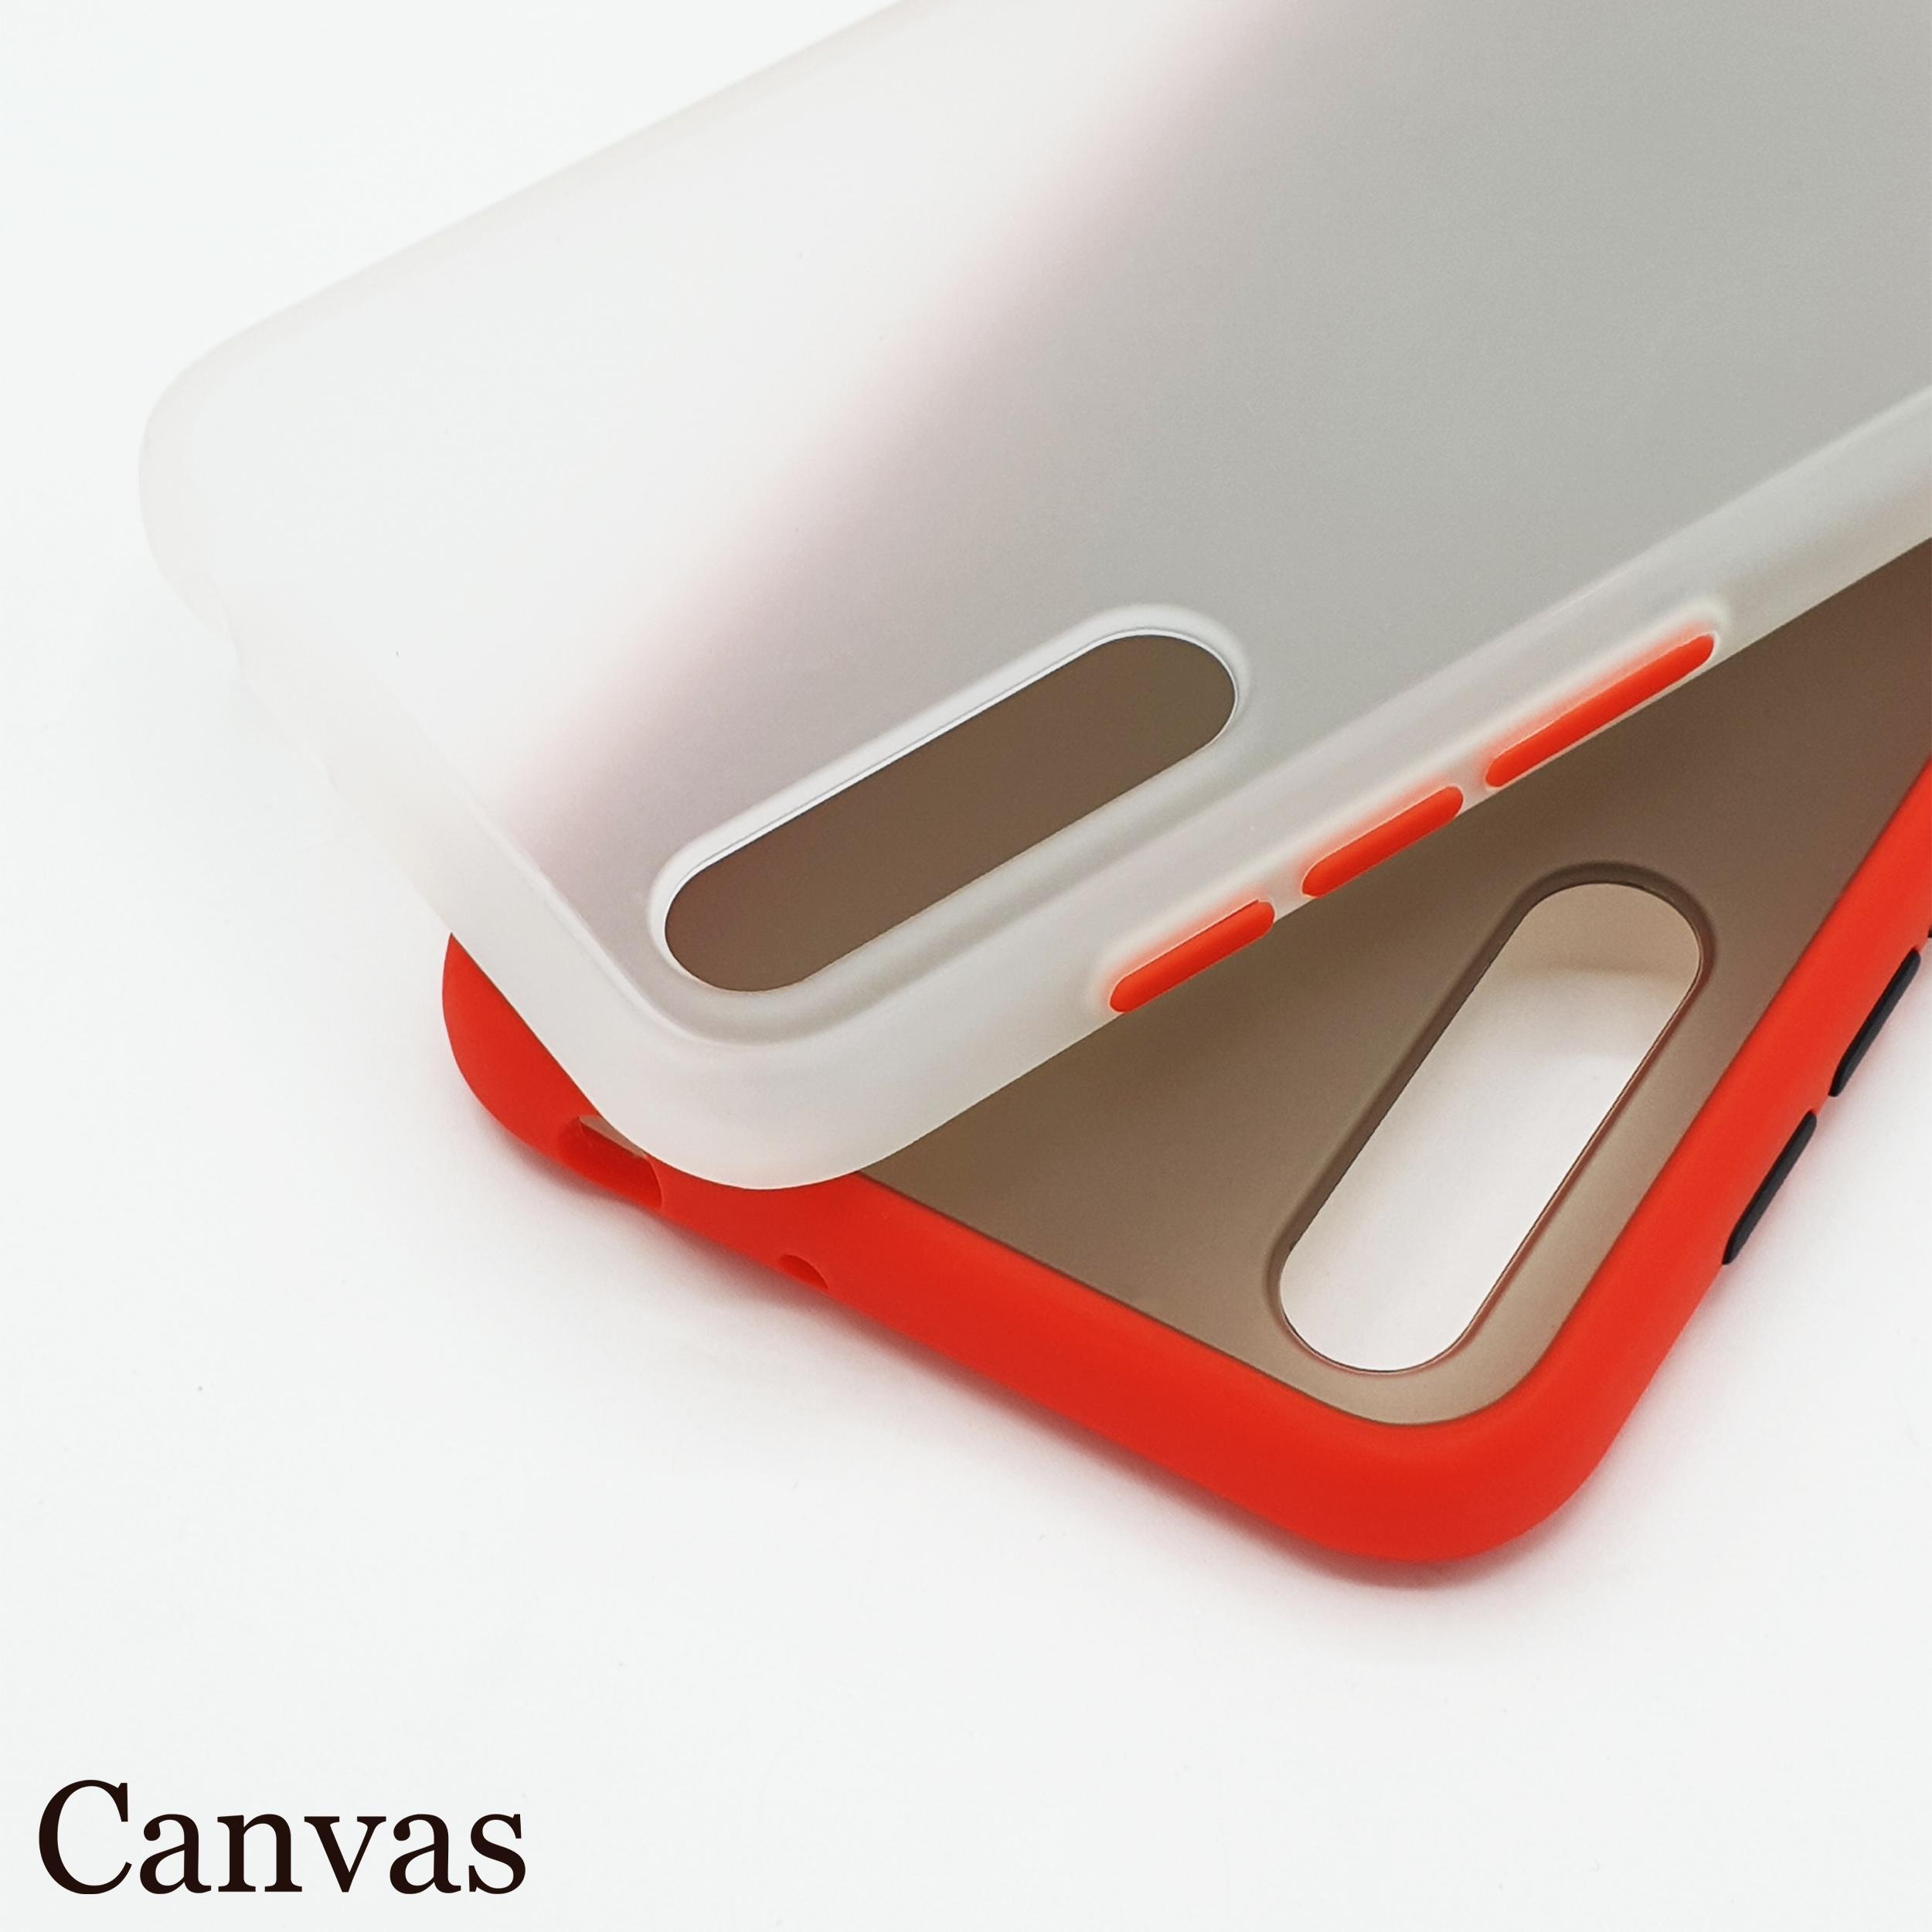 کاور کانواس مدل MOON LIGHT مناسب برای گوشی موبایل هوآوی Y8p / Y8P 2020